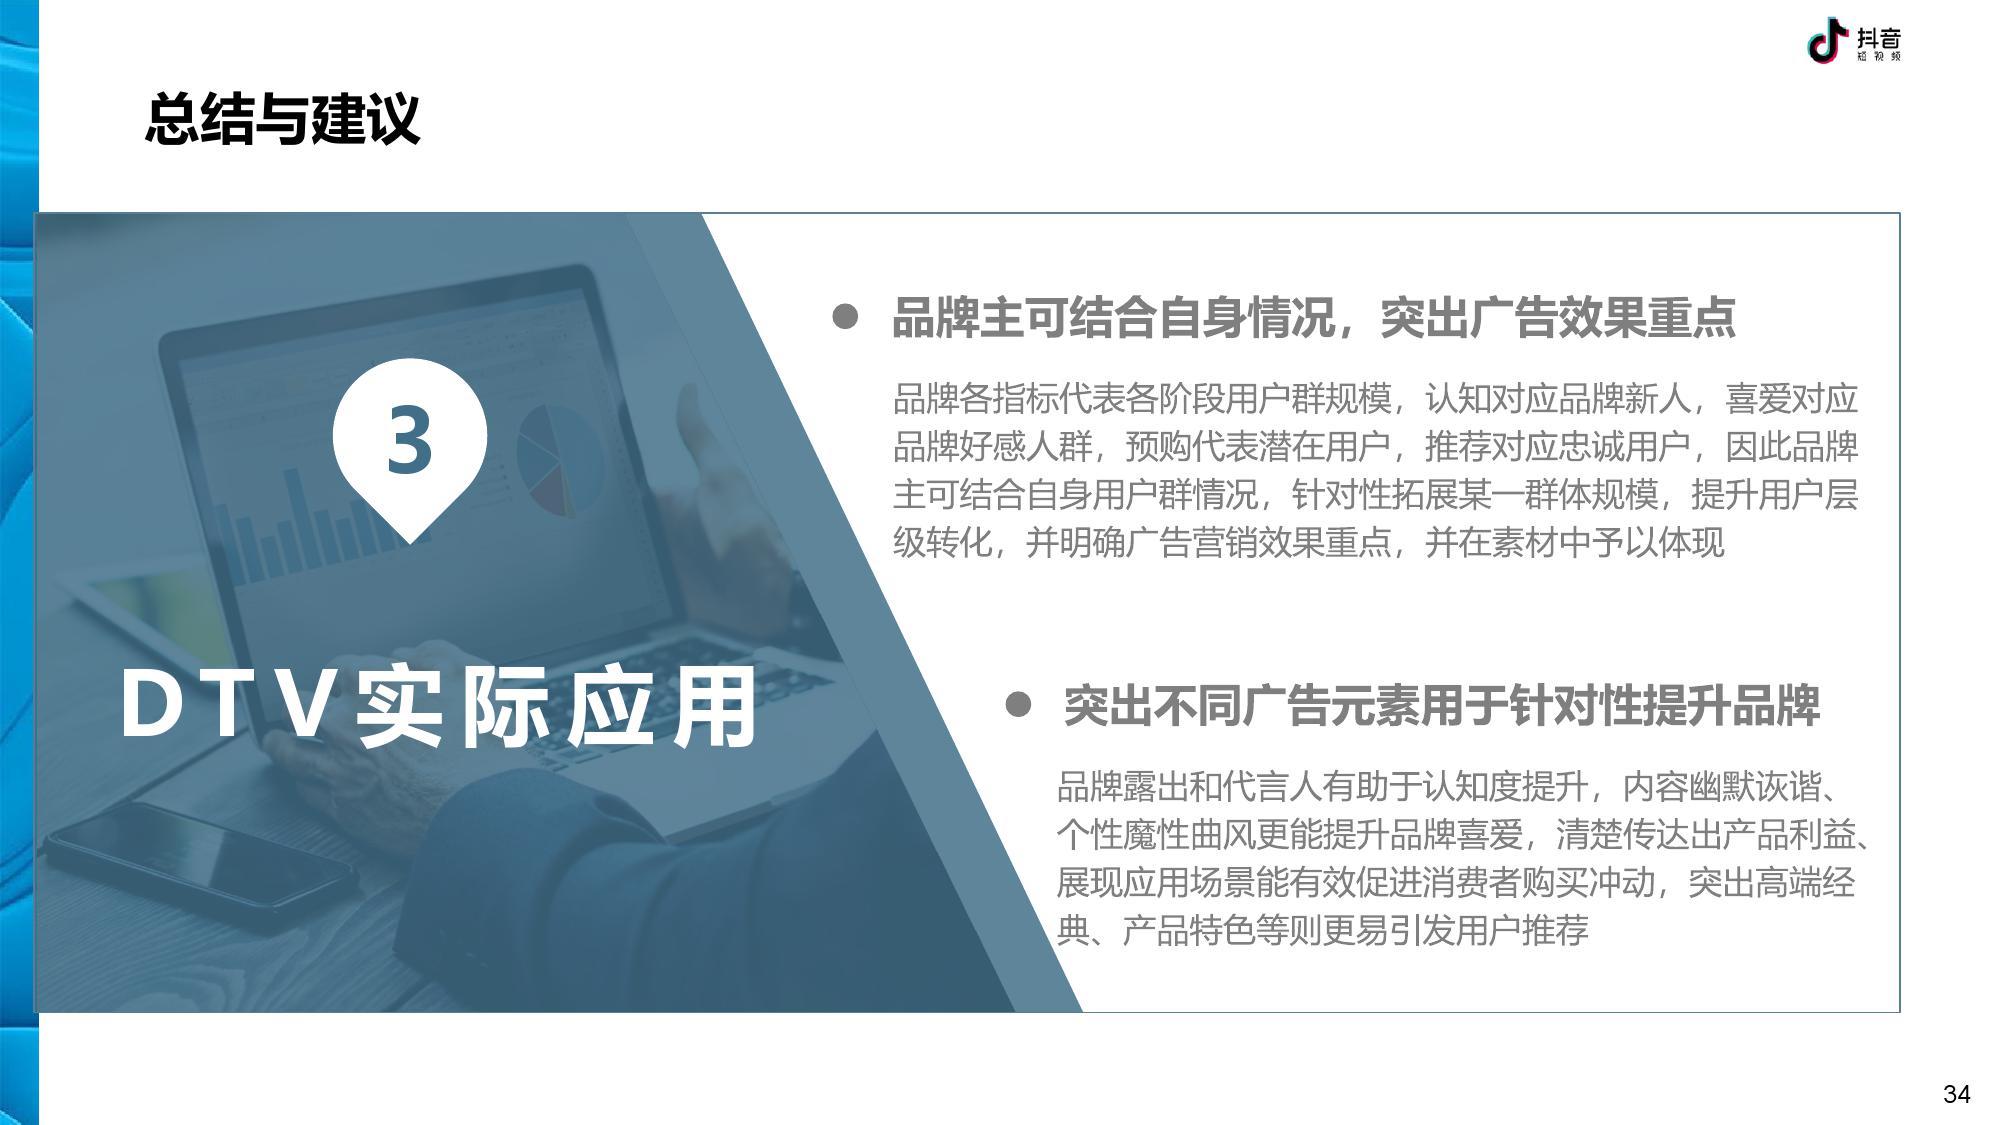 抖音 DTV 广告营销价值白皮书-CNMOAD 中文移动营销资讯 34